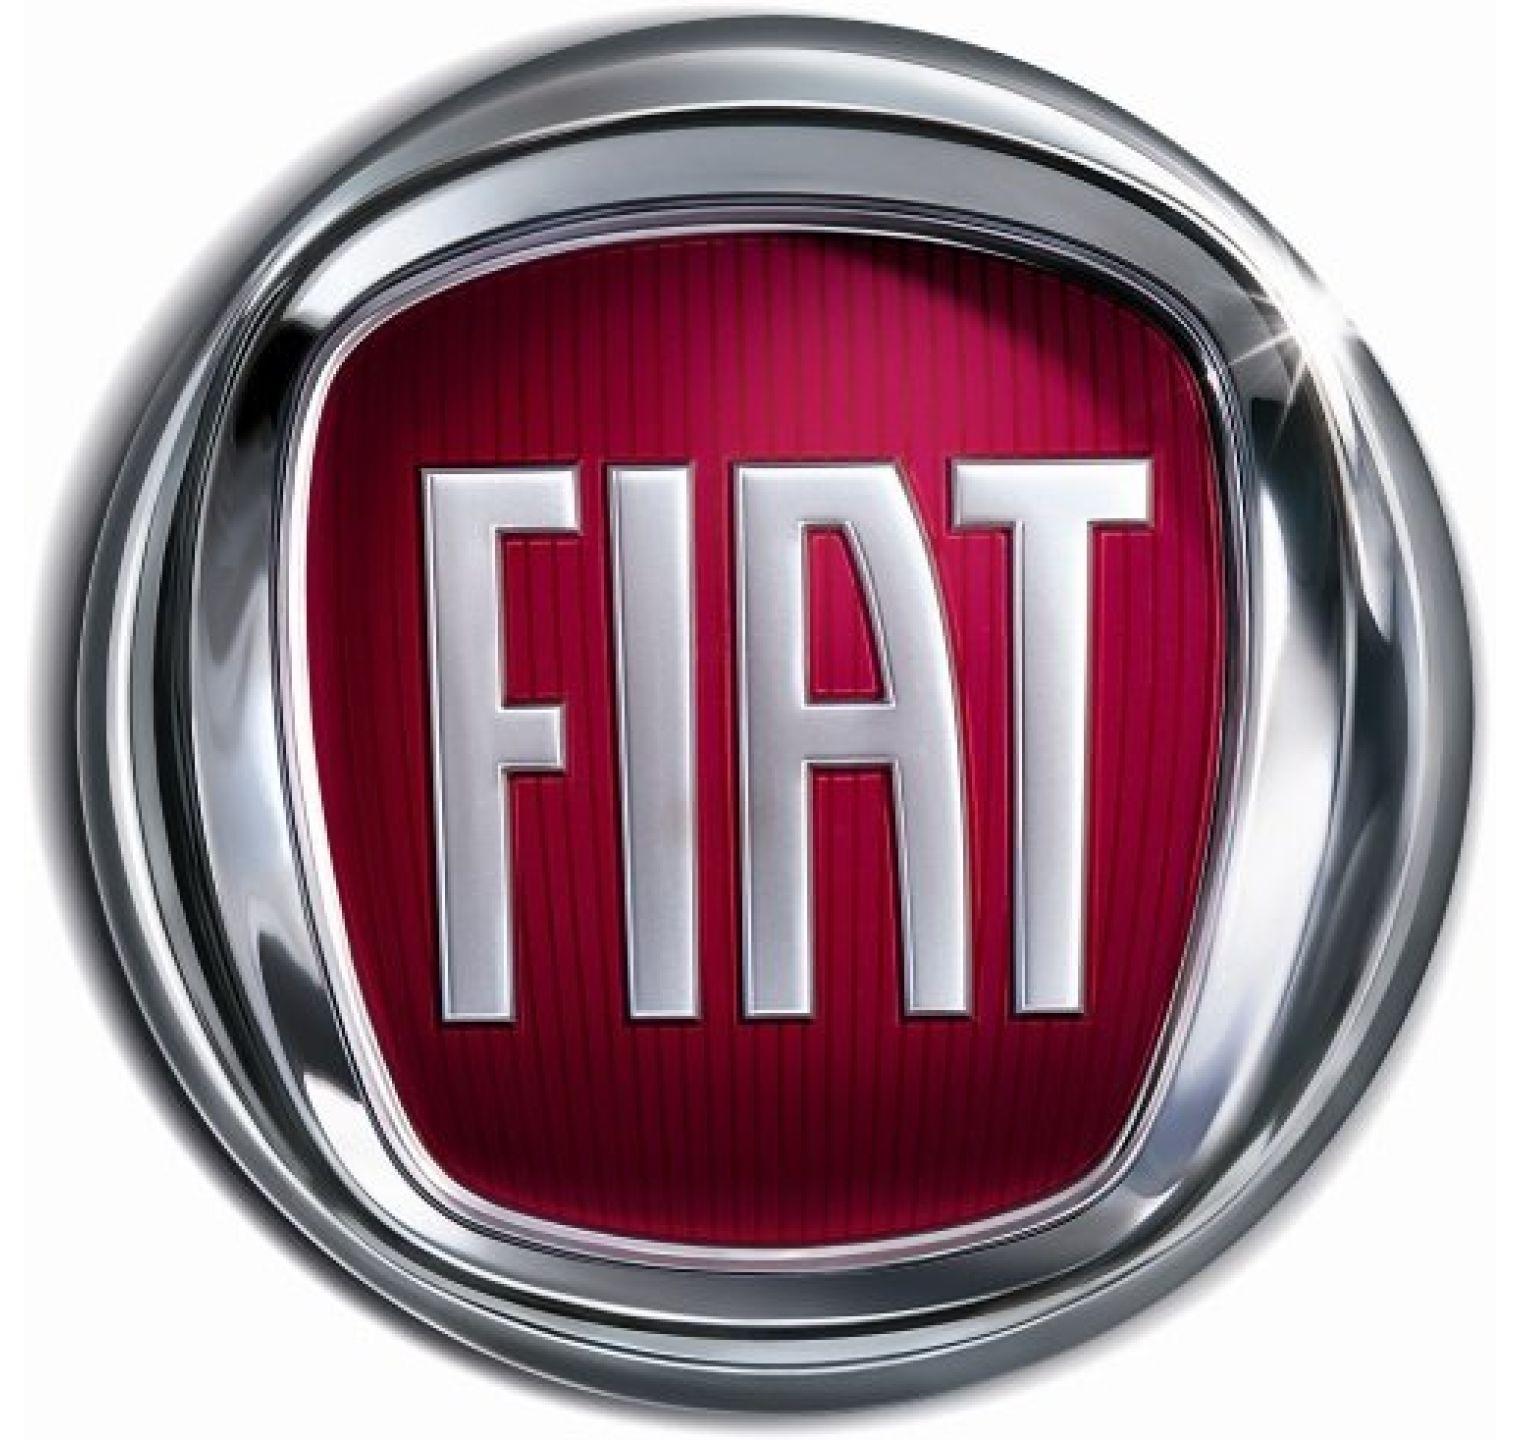 Fiat 500 (vanaf 2007) - achterruitenwisser Valeo Silencio flatblade